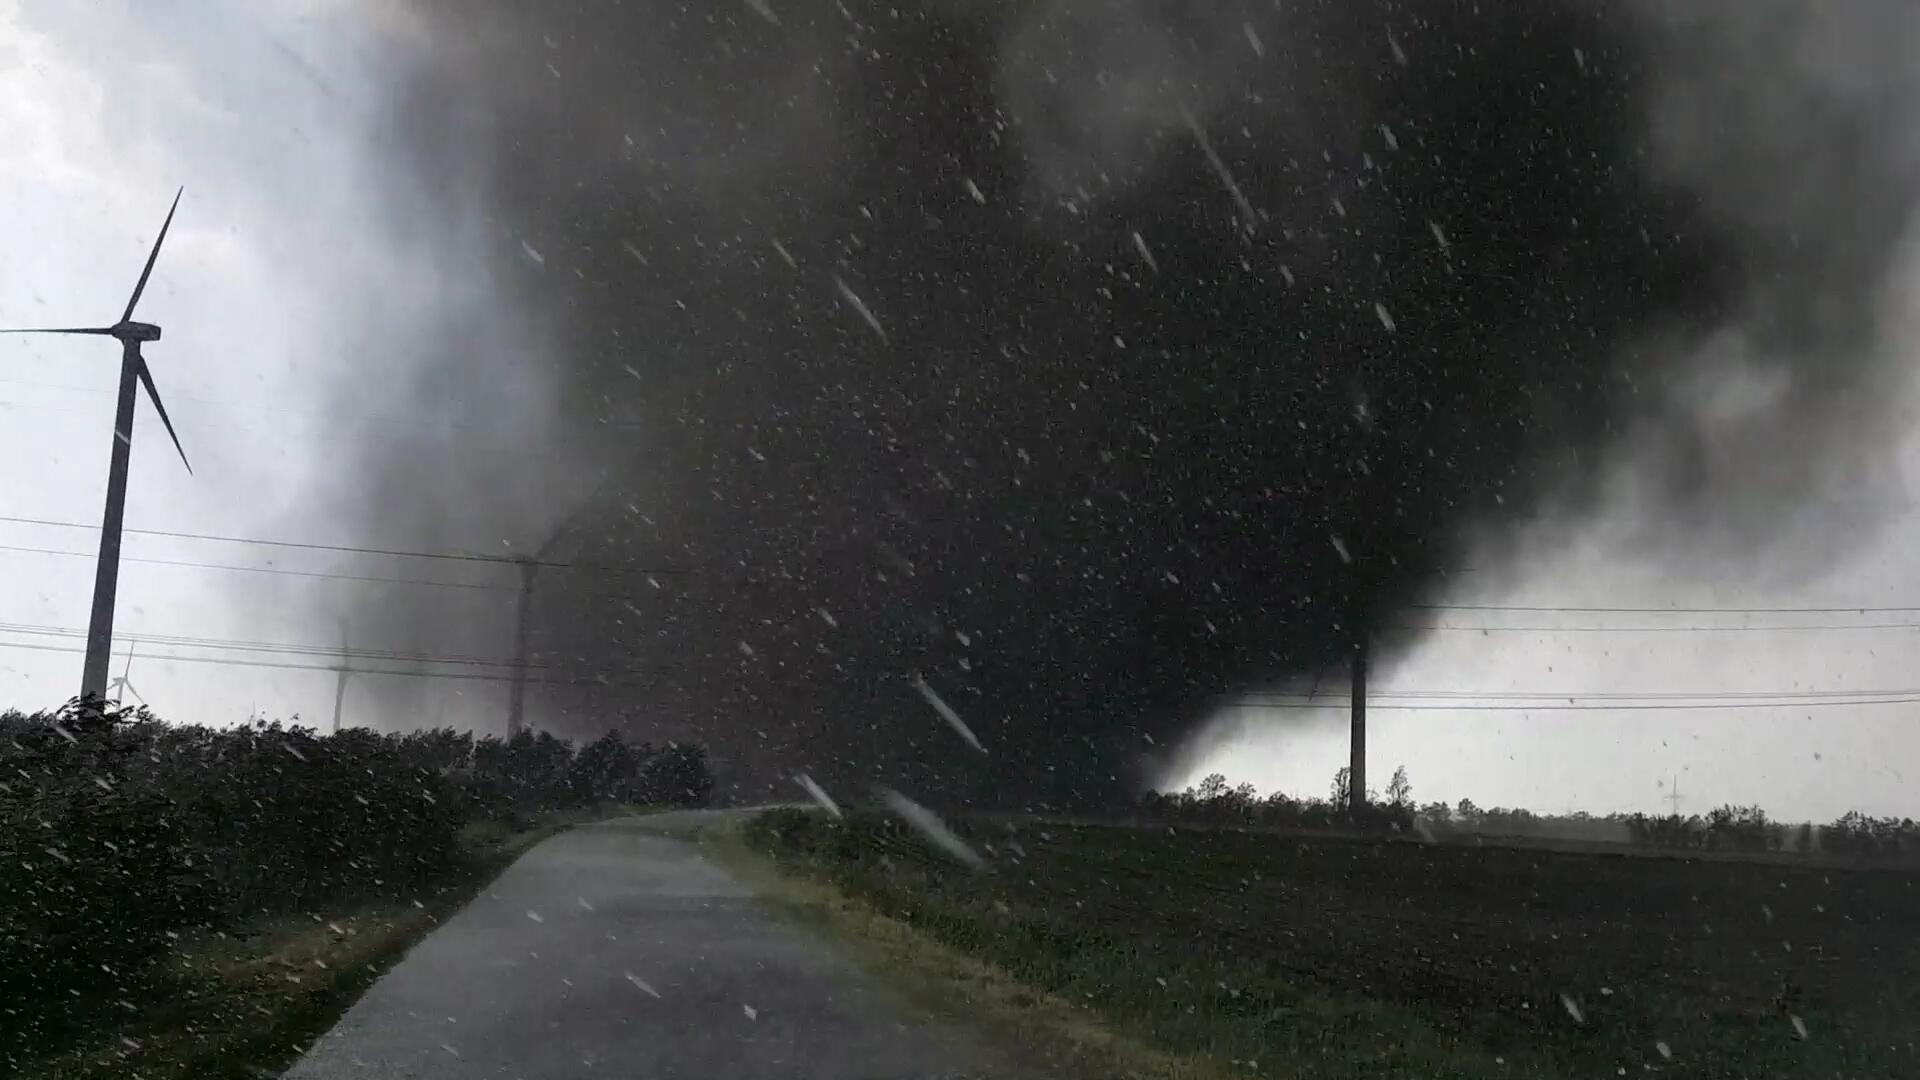 June 5, German Tornadoes Merged to F3